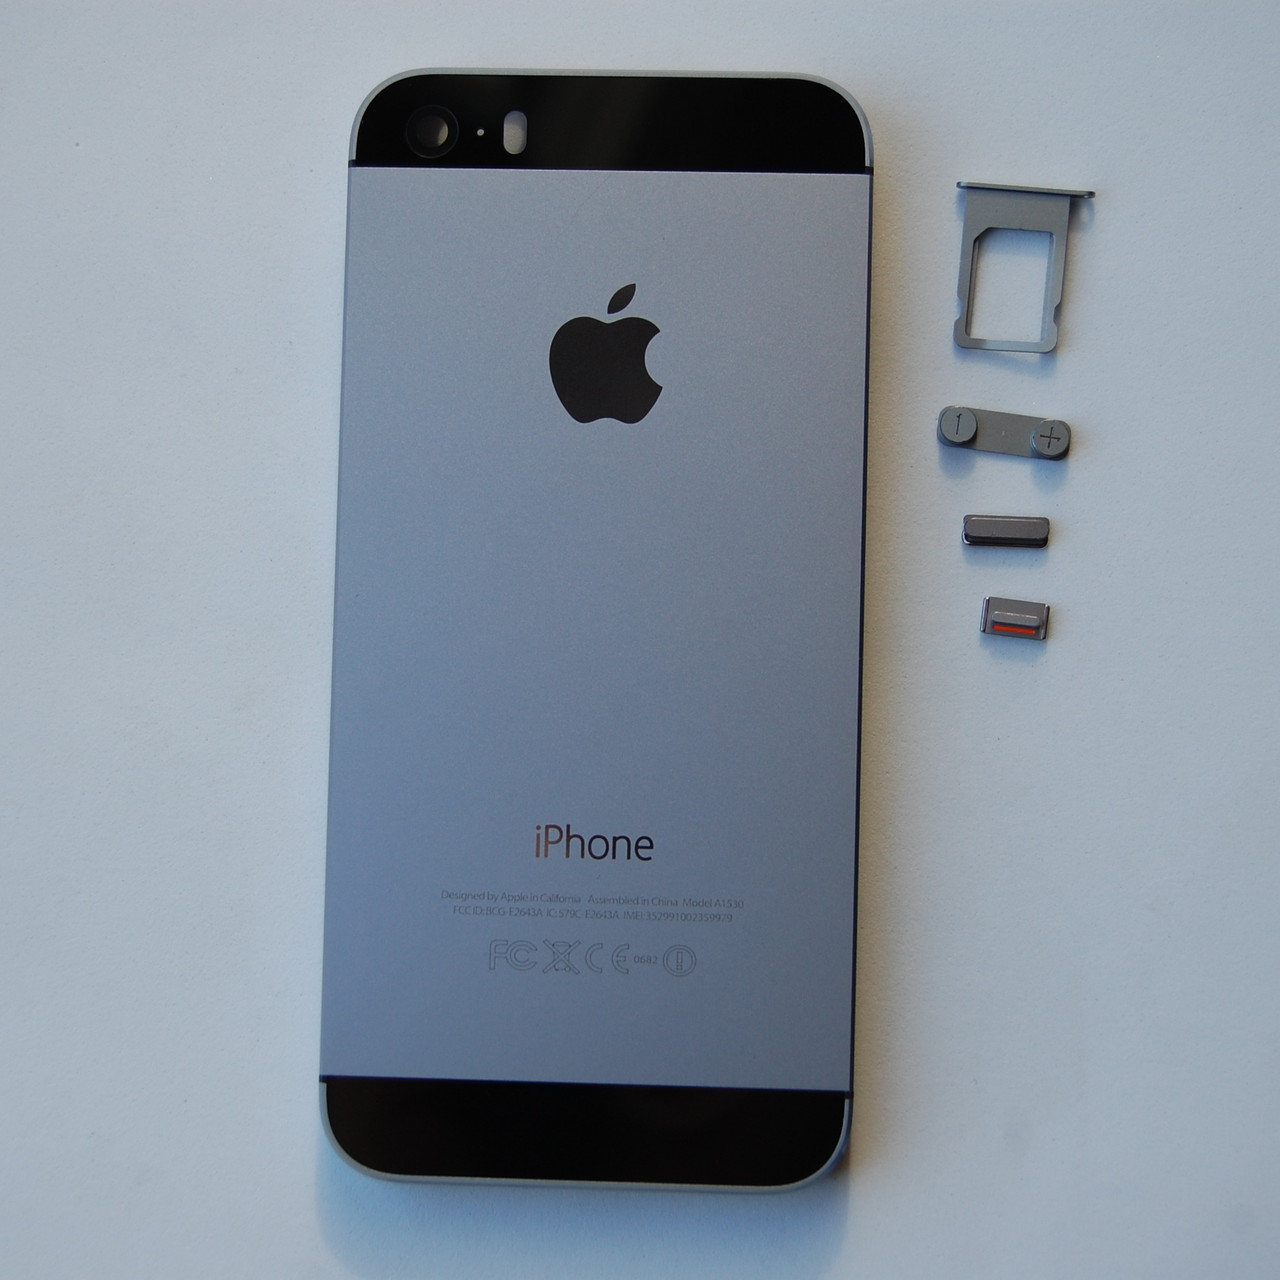 купить iphone 5s харьков в рассрочку